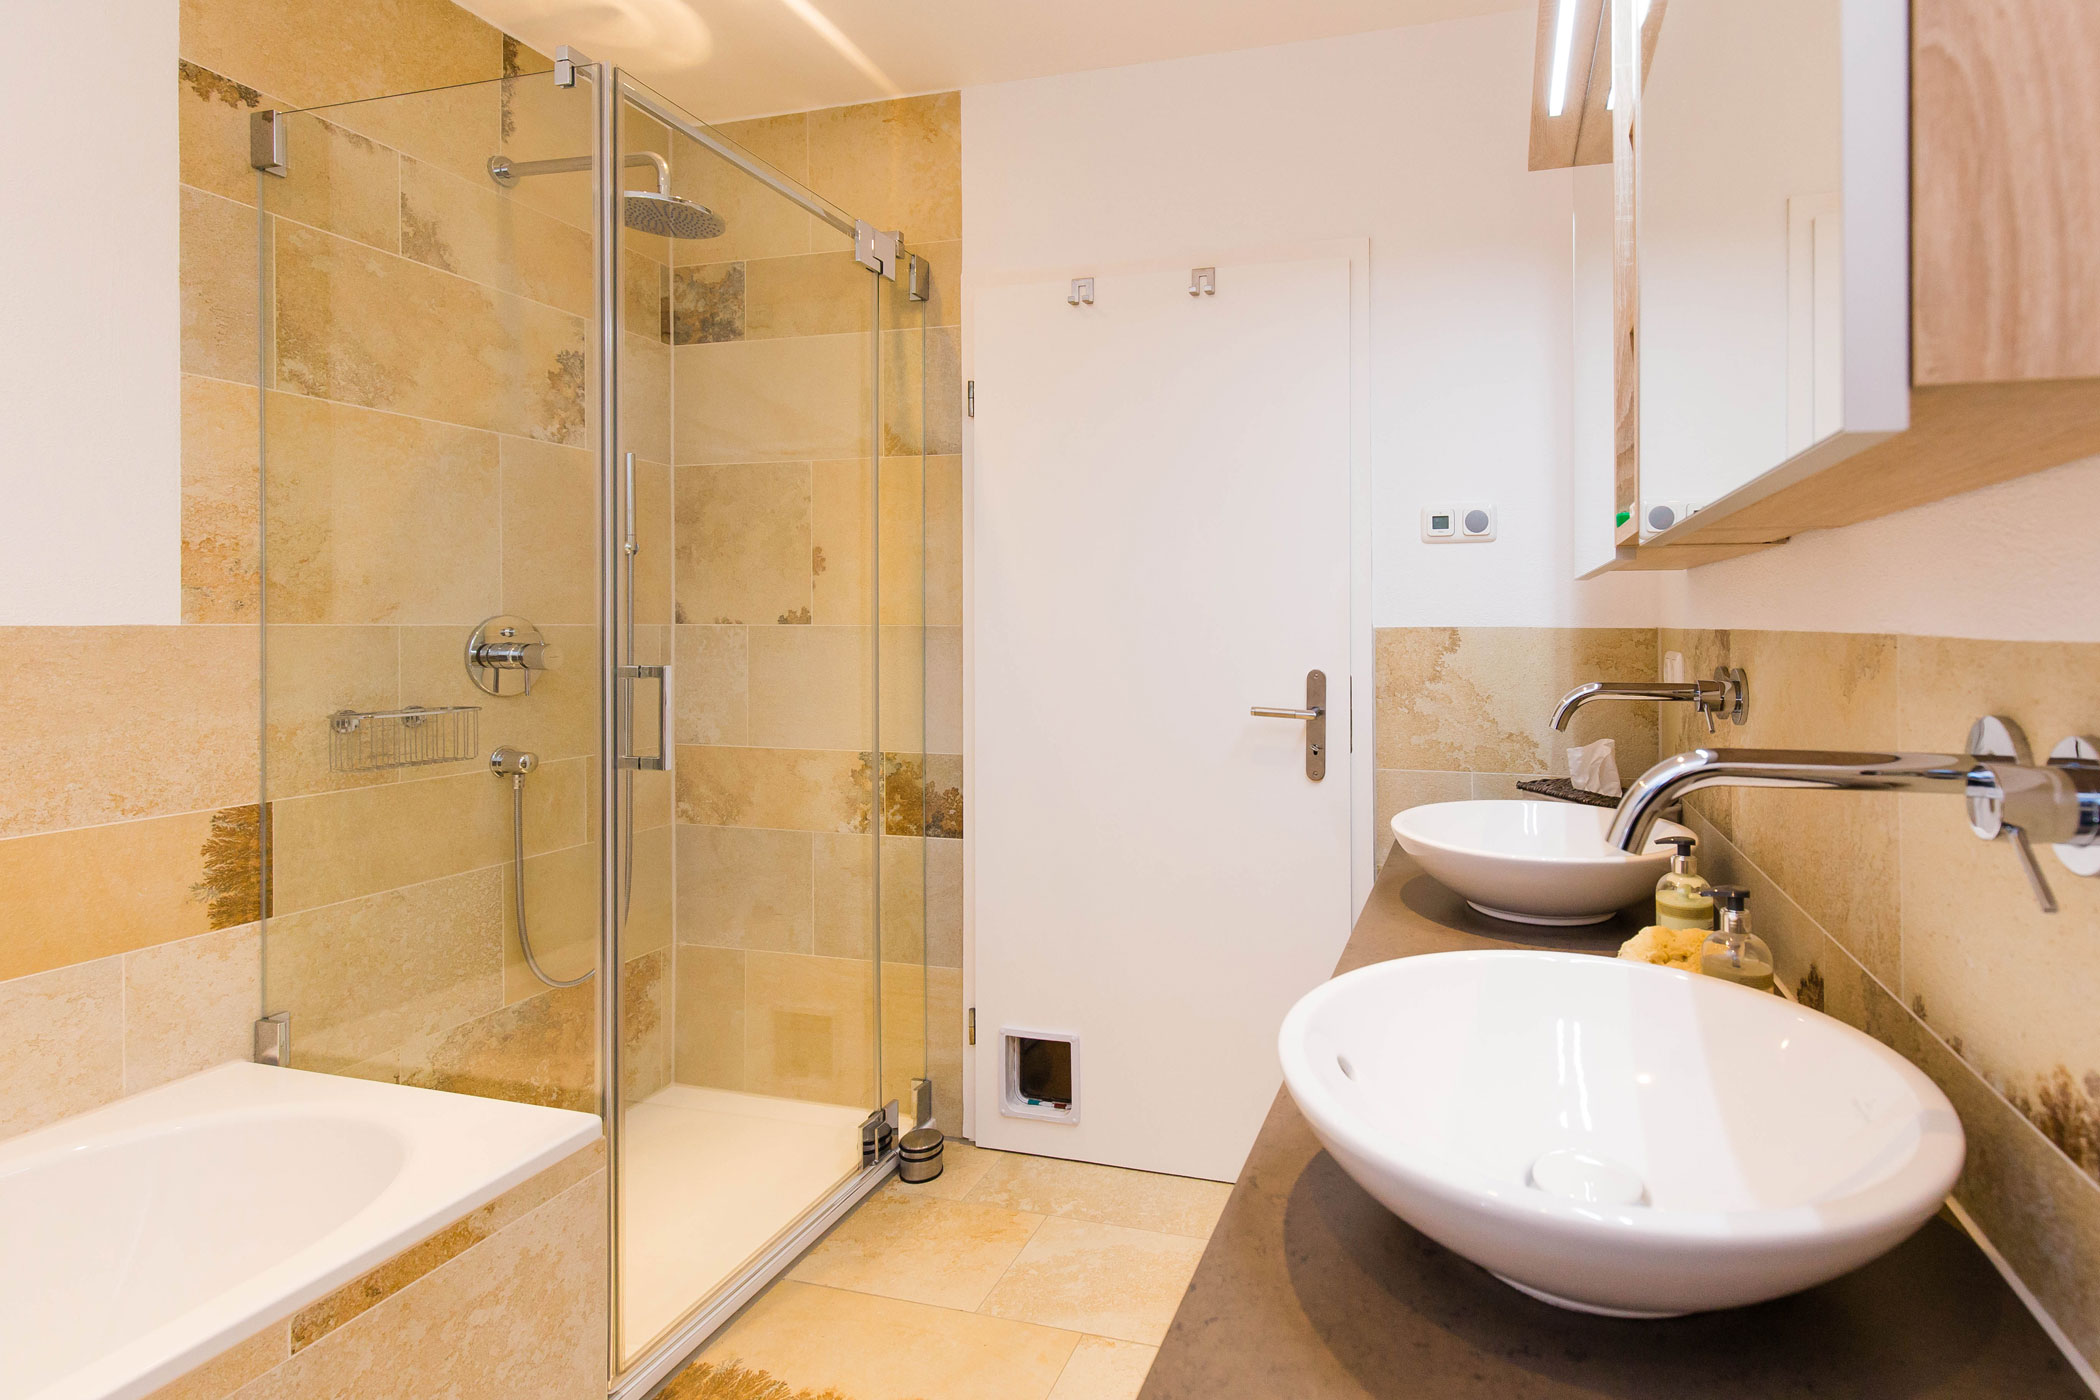 der muff der 70er jahre ist aus diesem bad gewichen die wohnkomplizen online. Black Bedroom Furniture Sets. Home Design Ideas